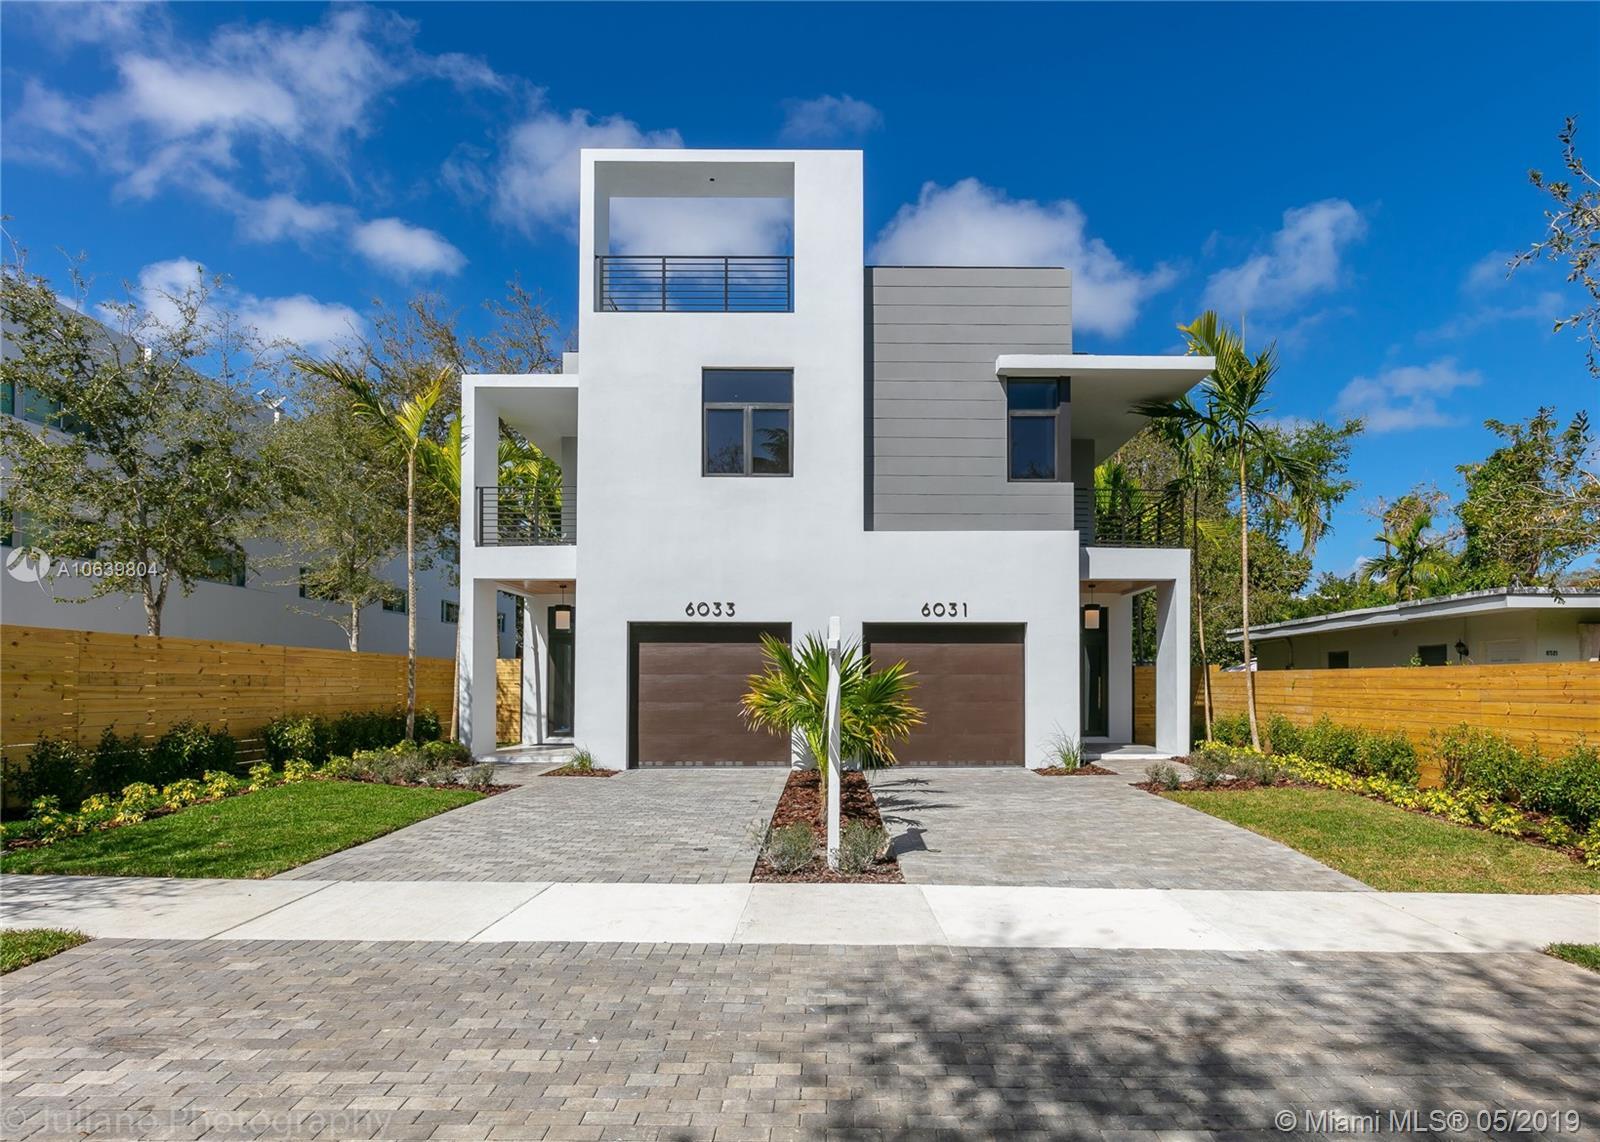 6033 SW 76 Street 6033, South Miami, FL 33143